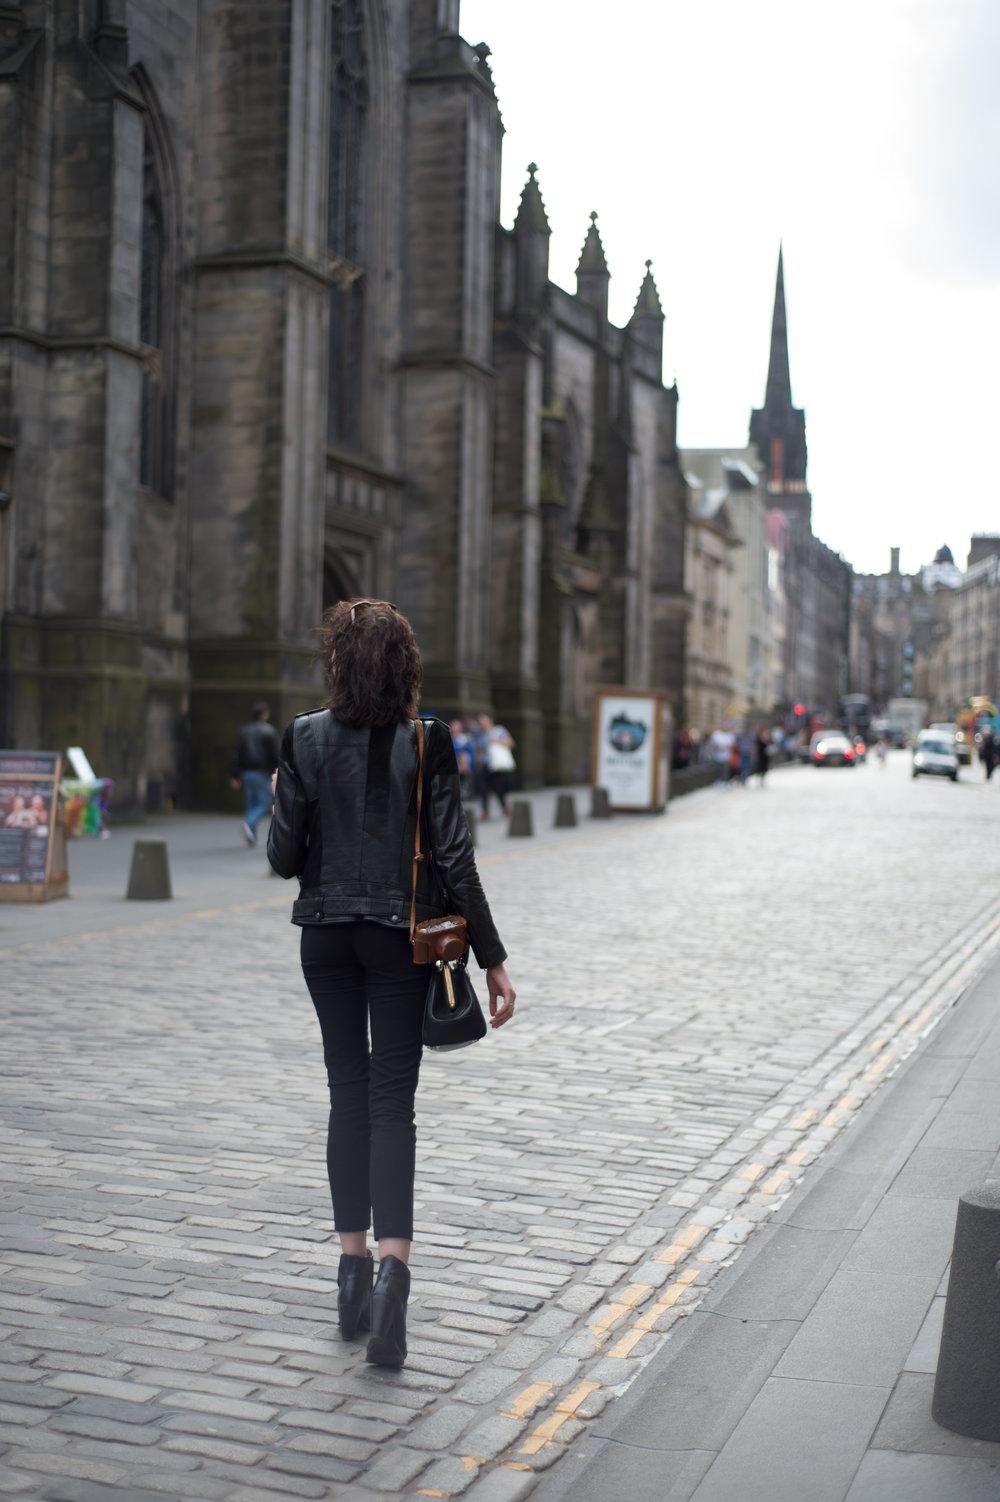 edinburgh- budget travel- a day away.jpg